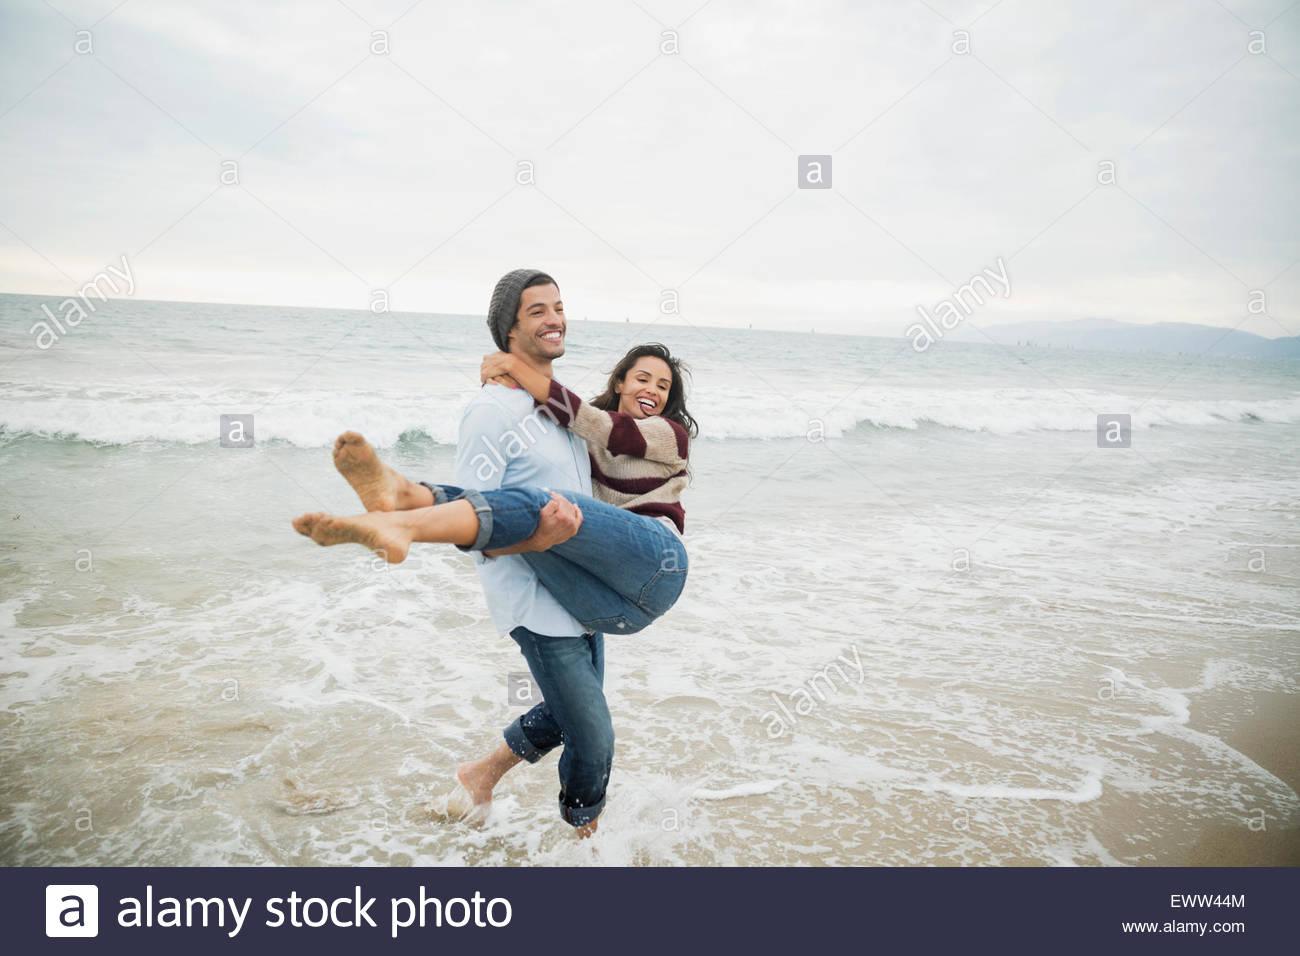 Copain copine comptable ludique dans océan surf Photo Stock